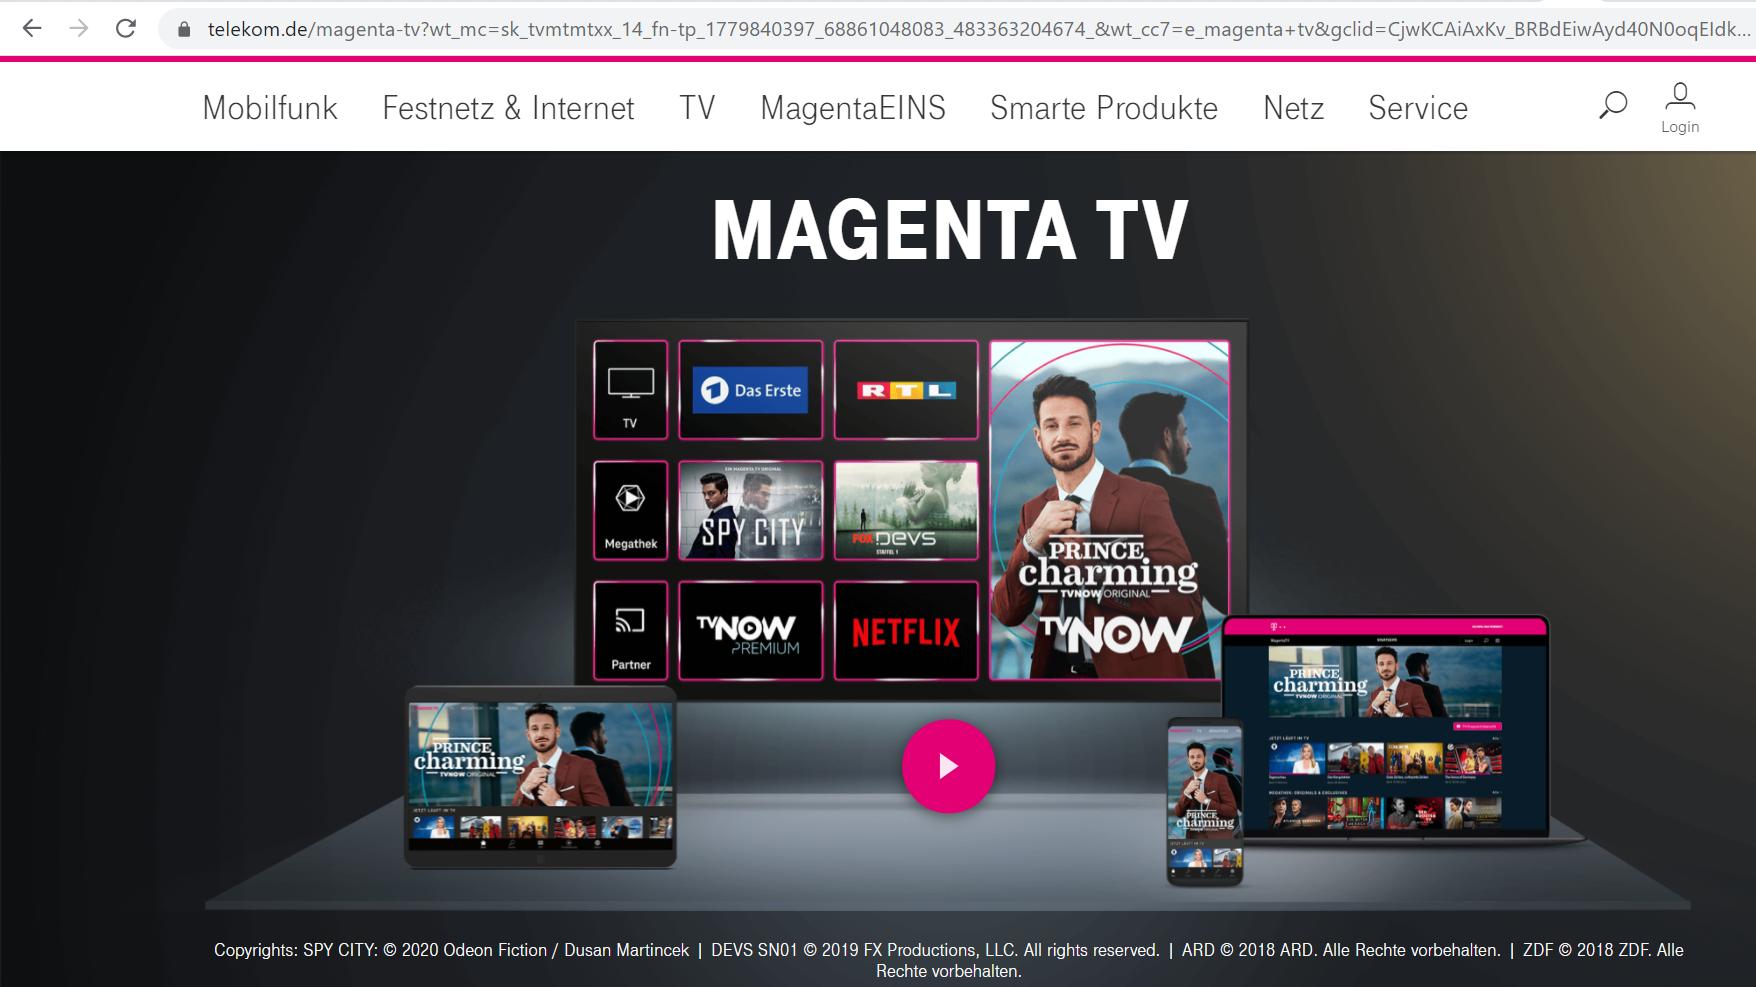 Magenta TV mit Sprachbefehlen nutzen